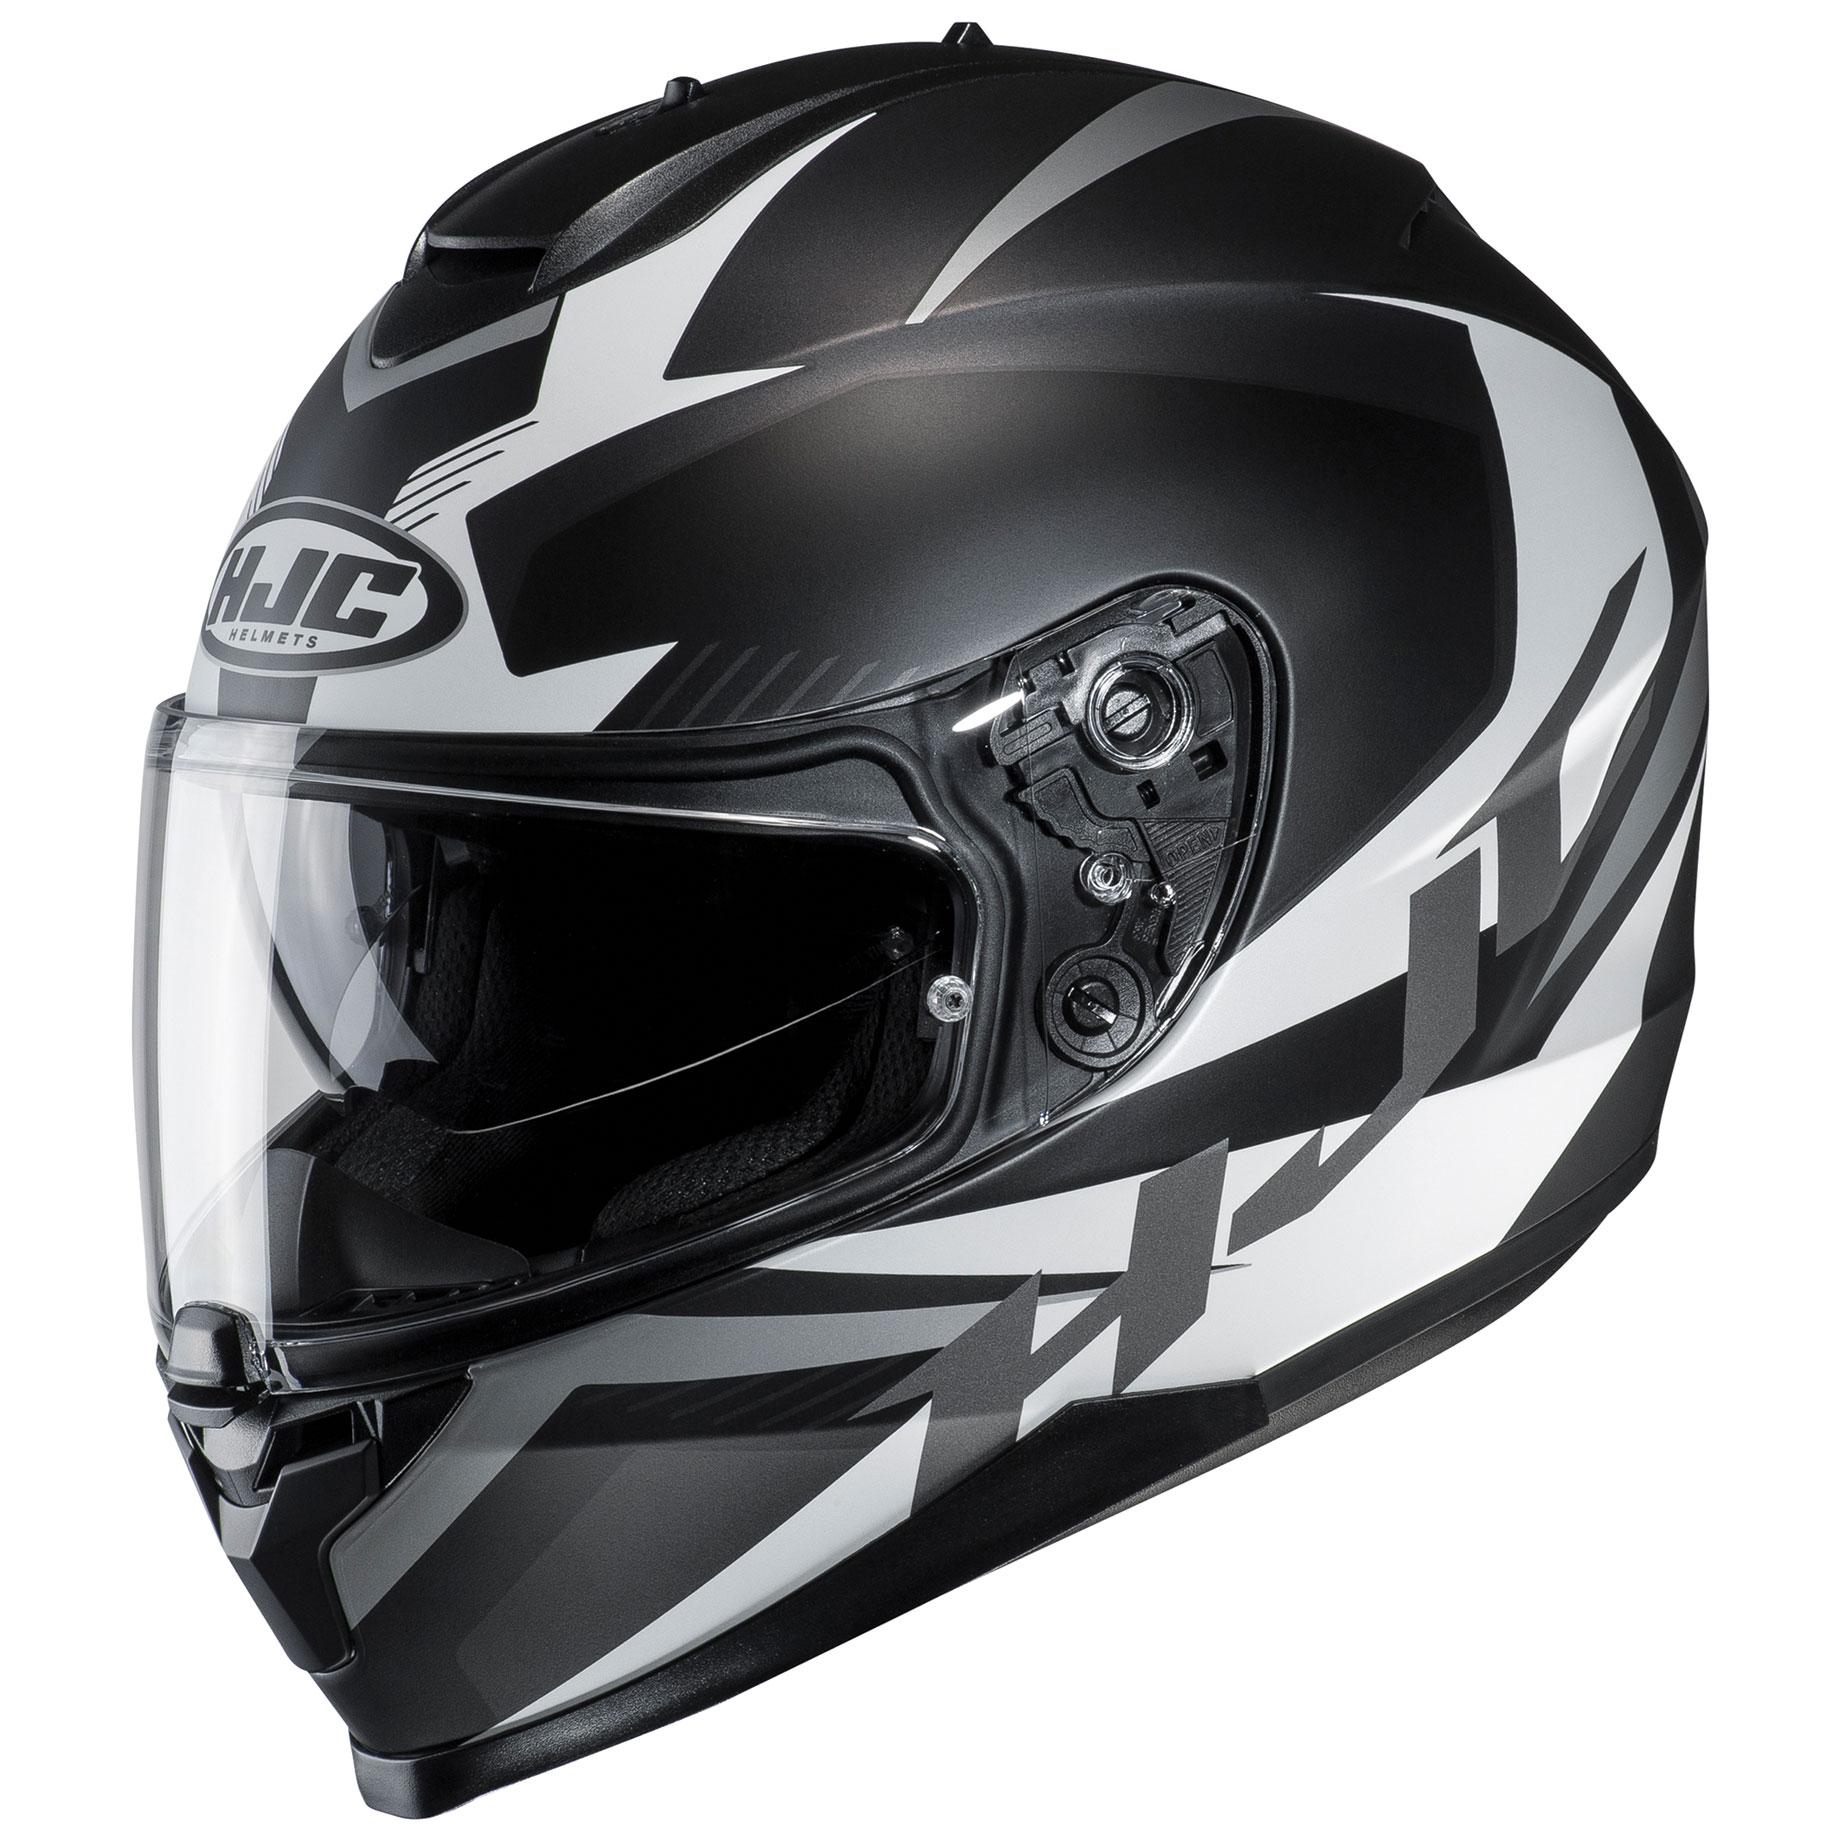 HJC C70 Troky Black/White/Silver Full Face Helmet